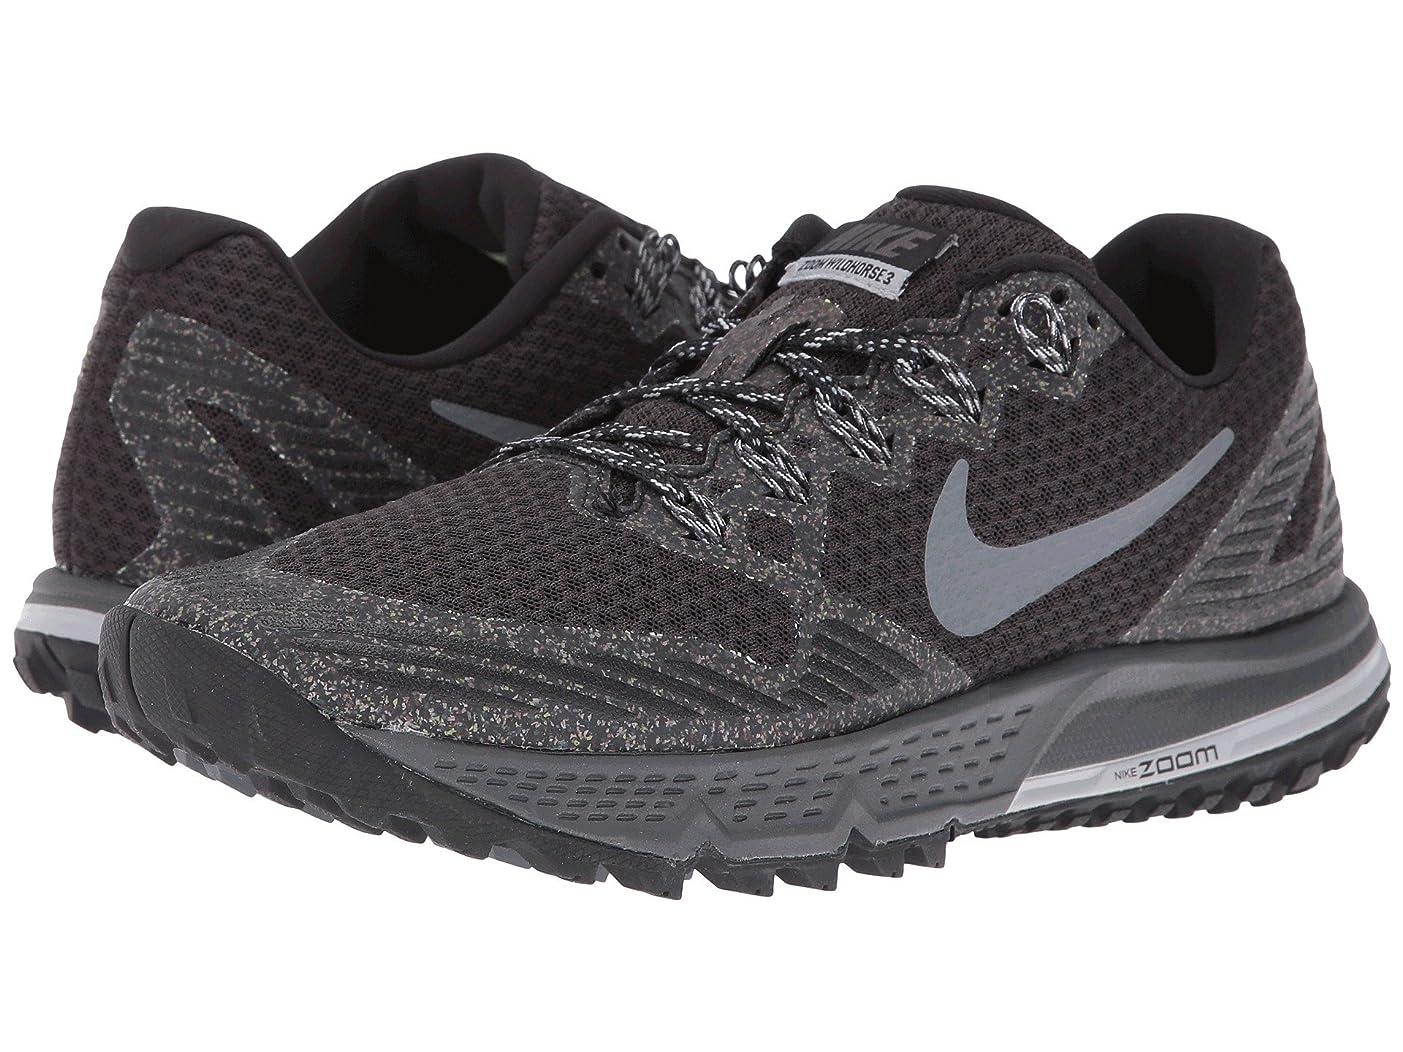 ハチトーンサービス(ナイキ) NIKE レディースランニングシューズ?スニーカー?靴 Air Zoom Wildhorse 3 Black/Dark Grey/Wolf Gray/Cool Gray 5.5 (22.5cm) B - Medium